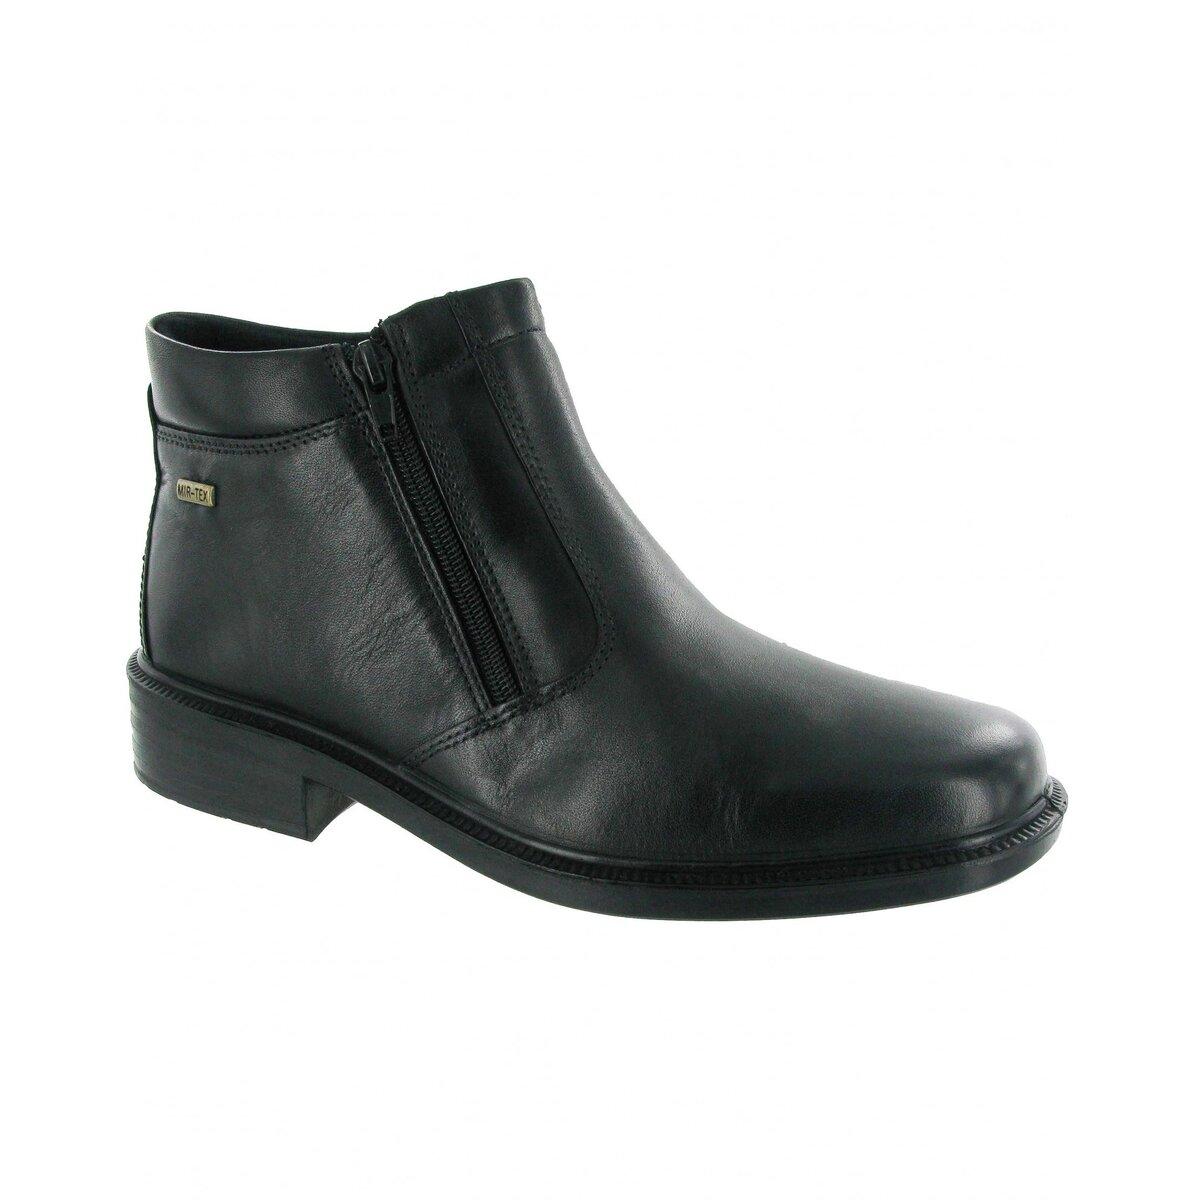 (コッツウォルド) Cotswold メンズ ケルムスコット 防水 メンズシューズ 紳士靴 カジュアルブーツ 男性用 【海外直送】